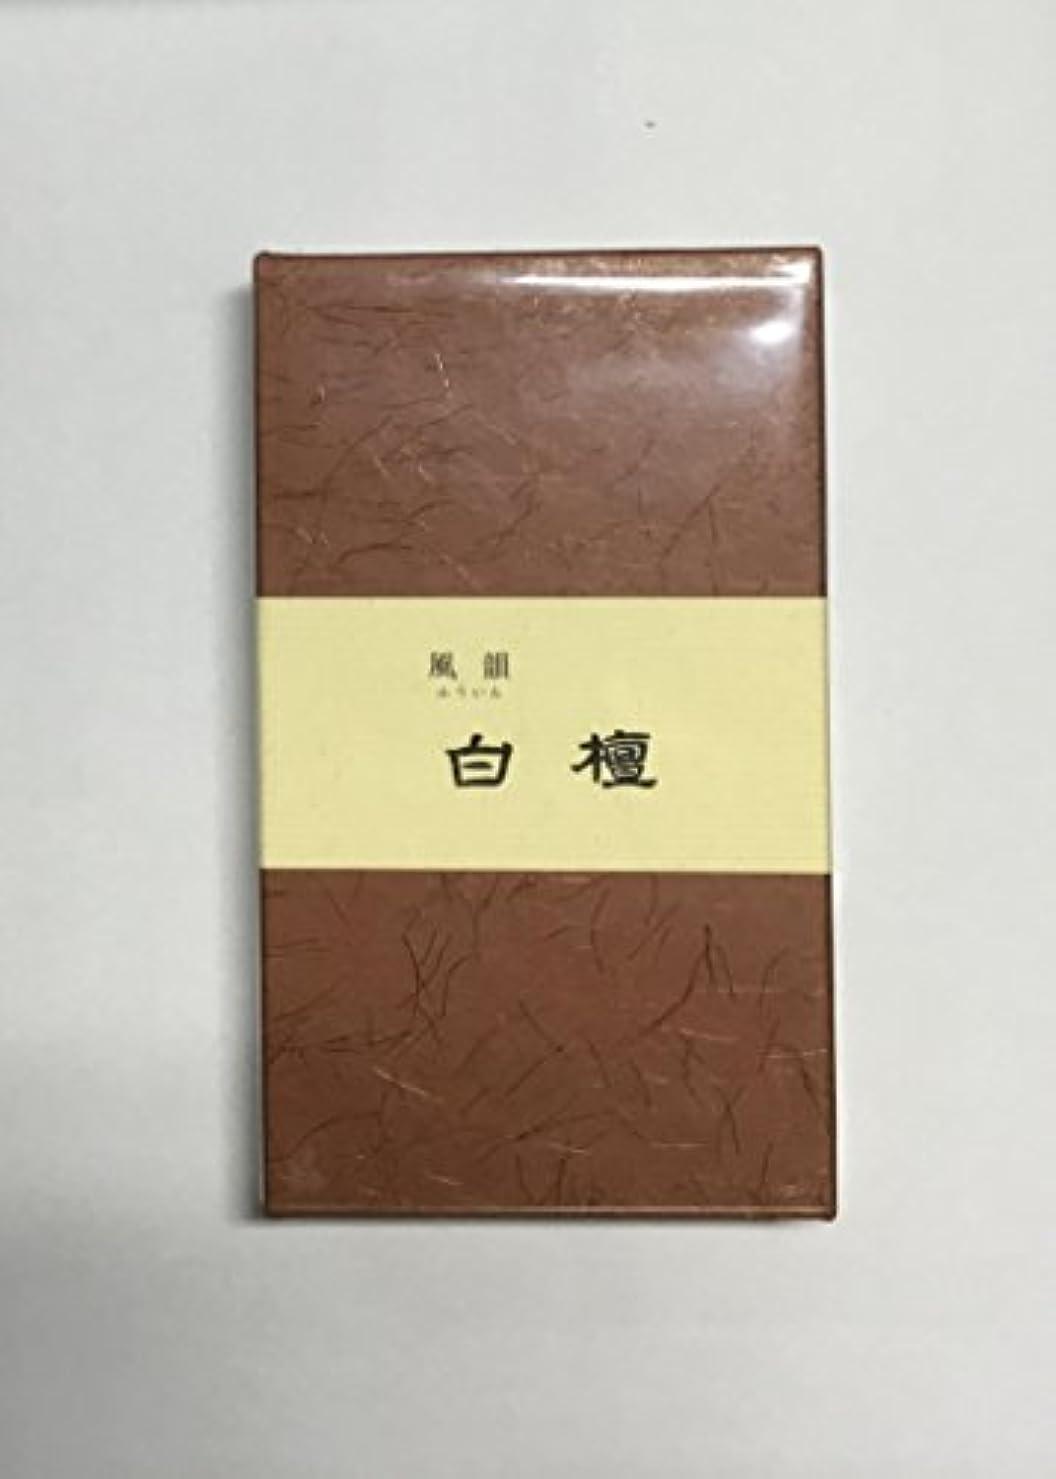 説明する小川通行料金みのり苑 線香 風韻 白檀 短寸 天然香料 (100 グラム)